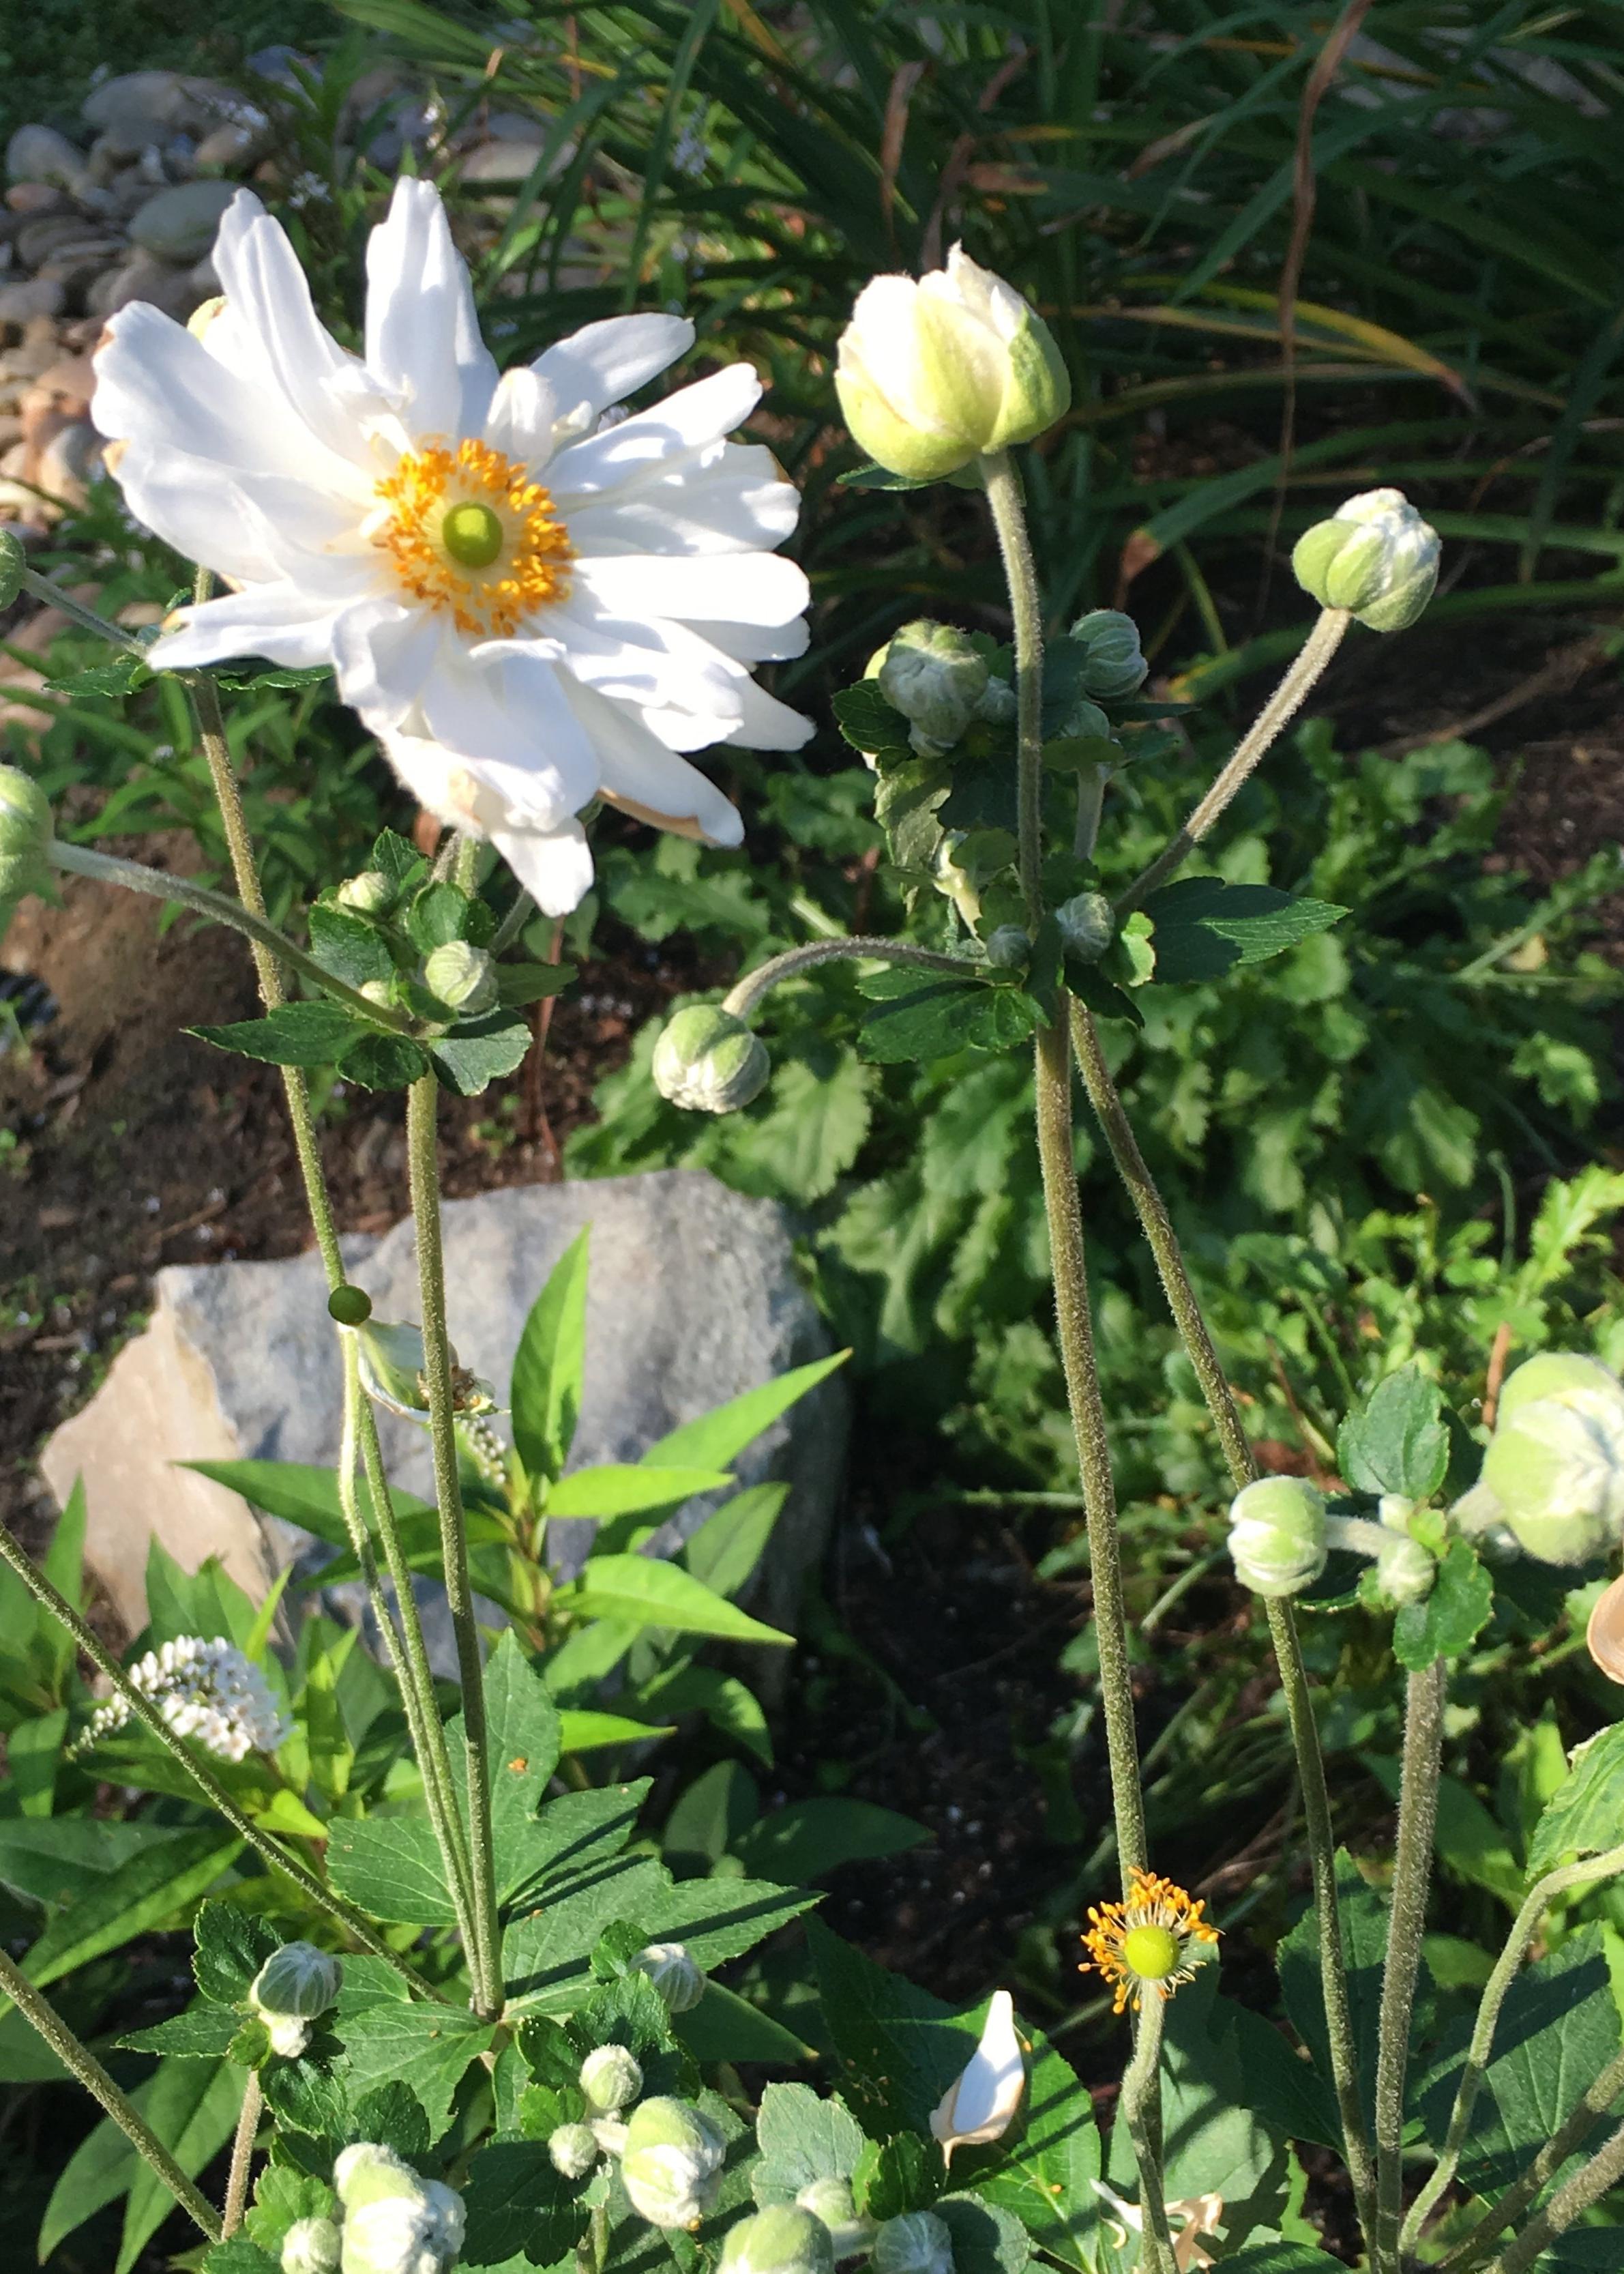 Anemone 'Honorine Jobert'